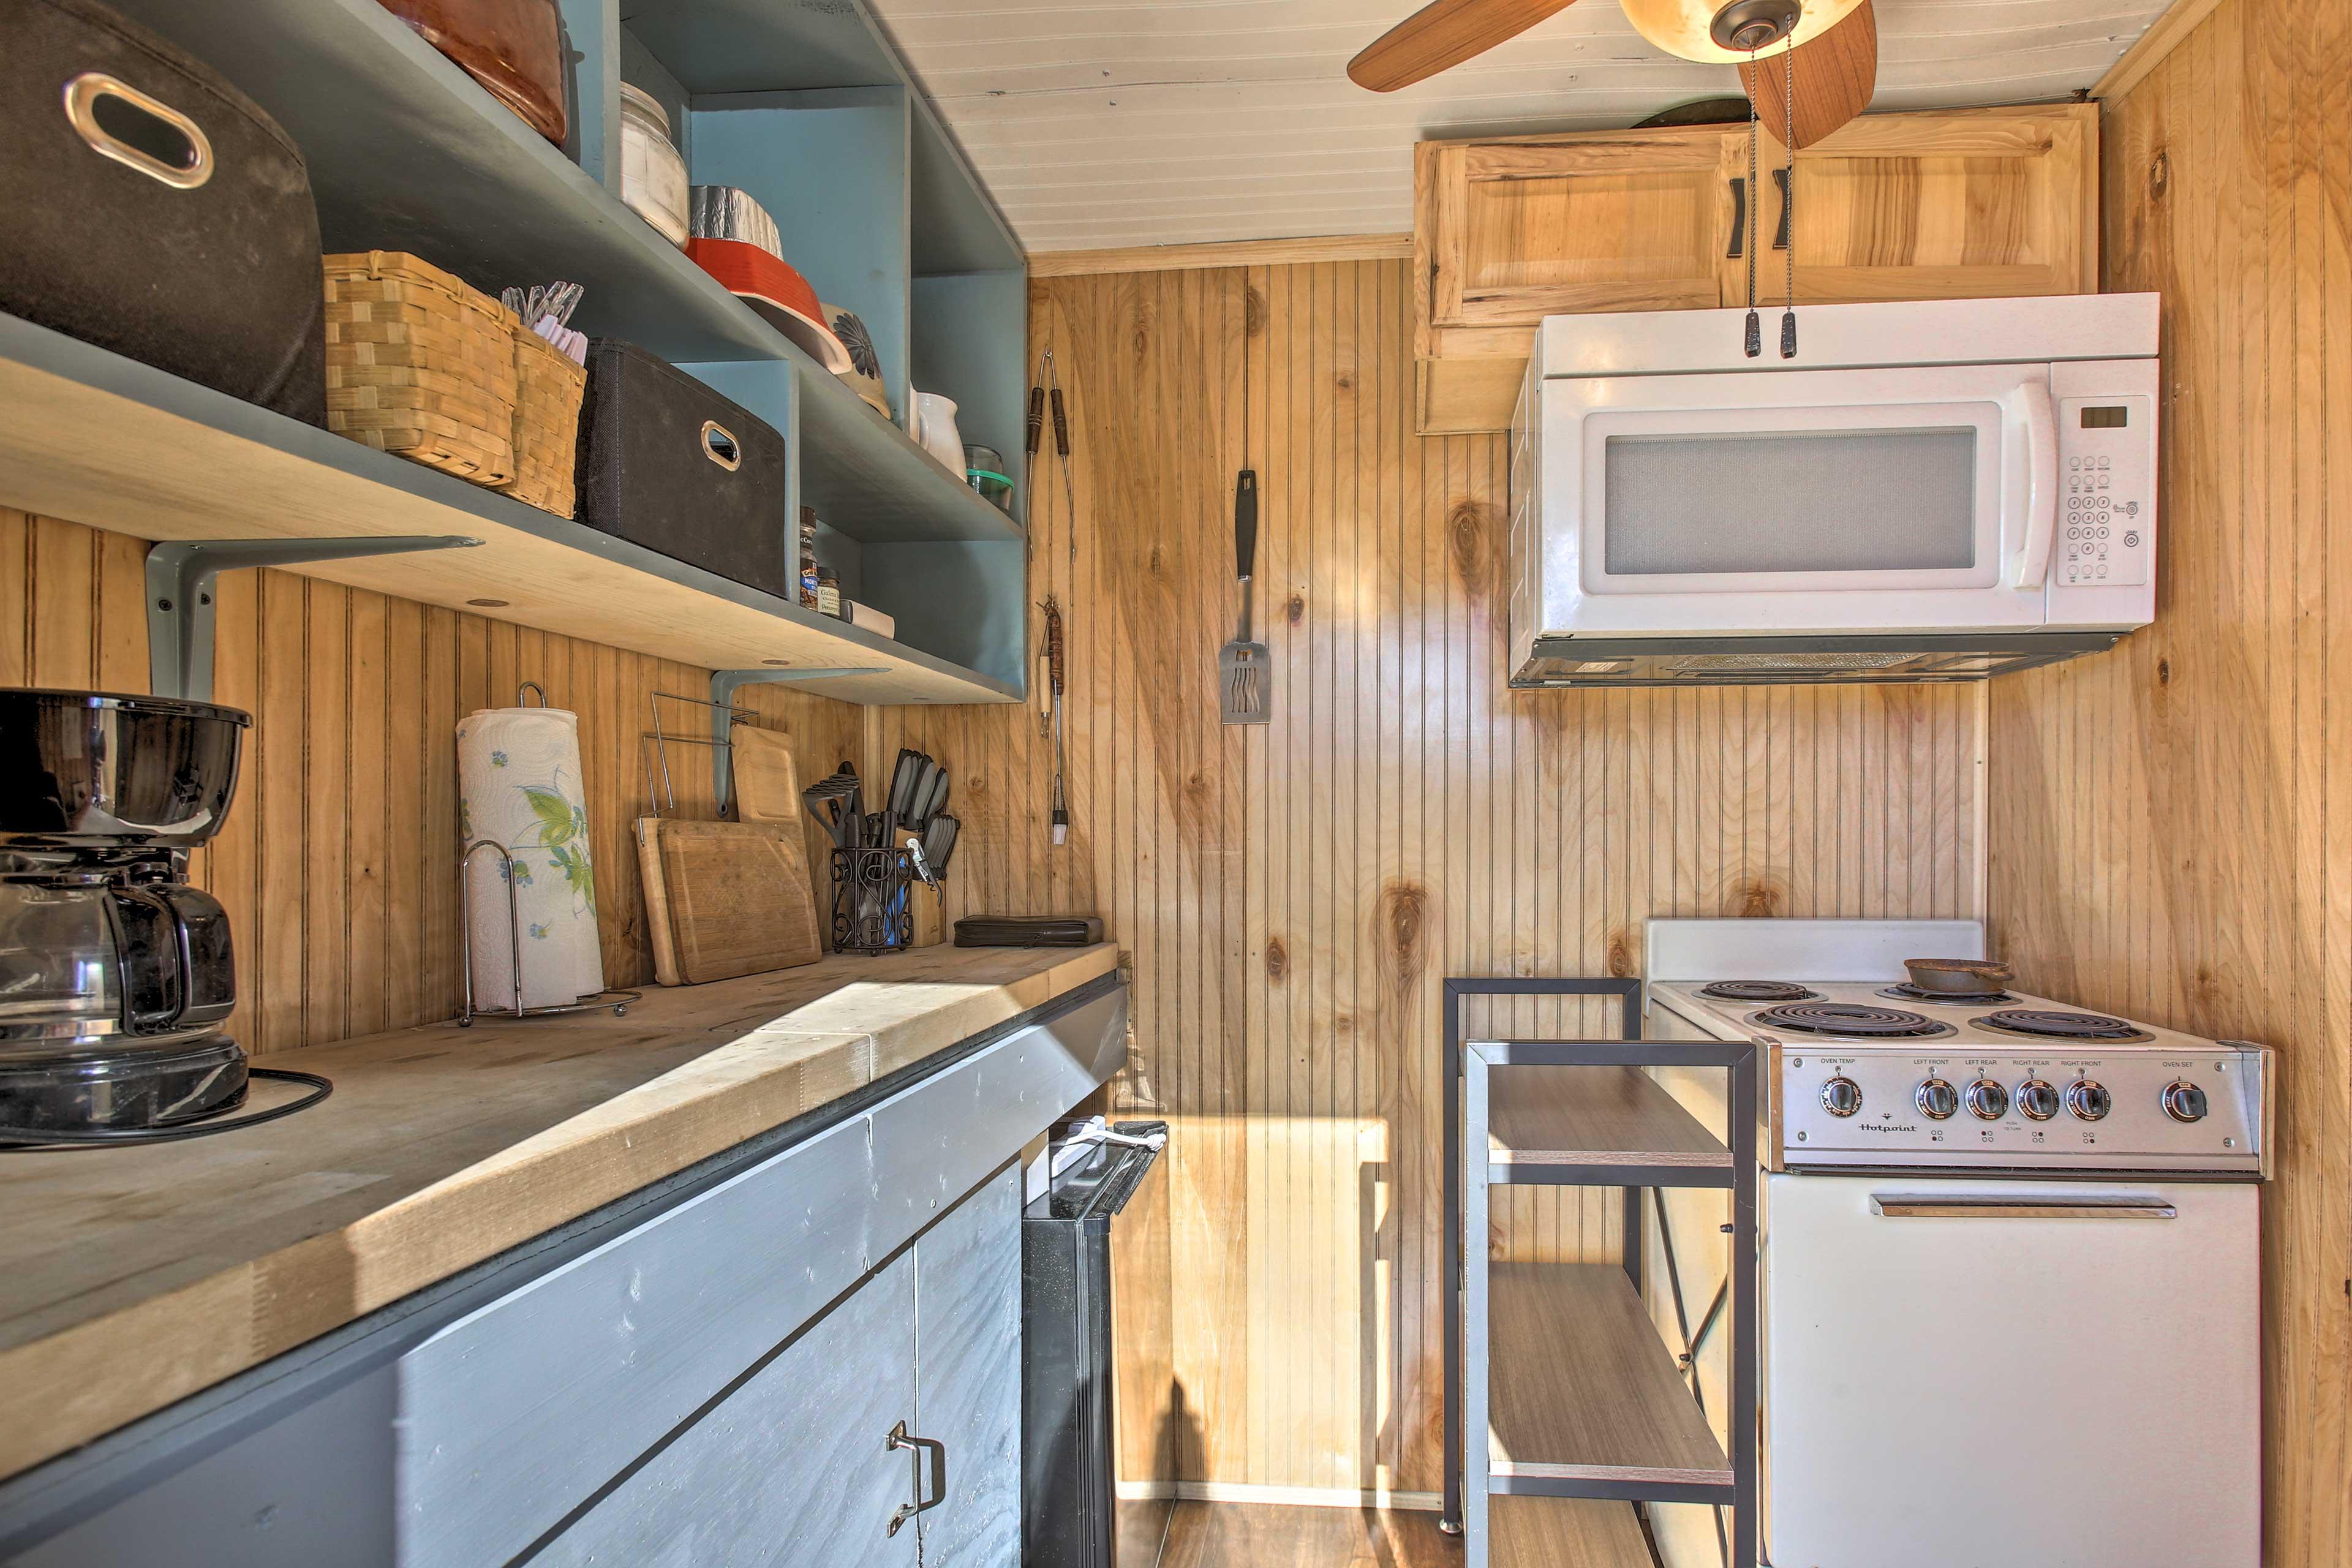 Outdoor Kitchen | Drip Coffee Maker